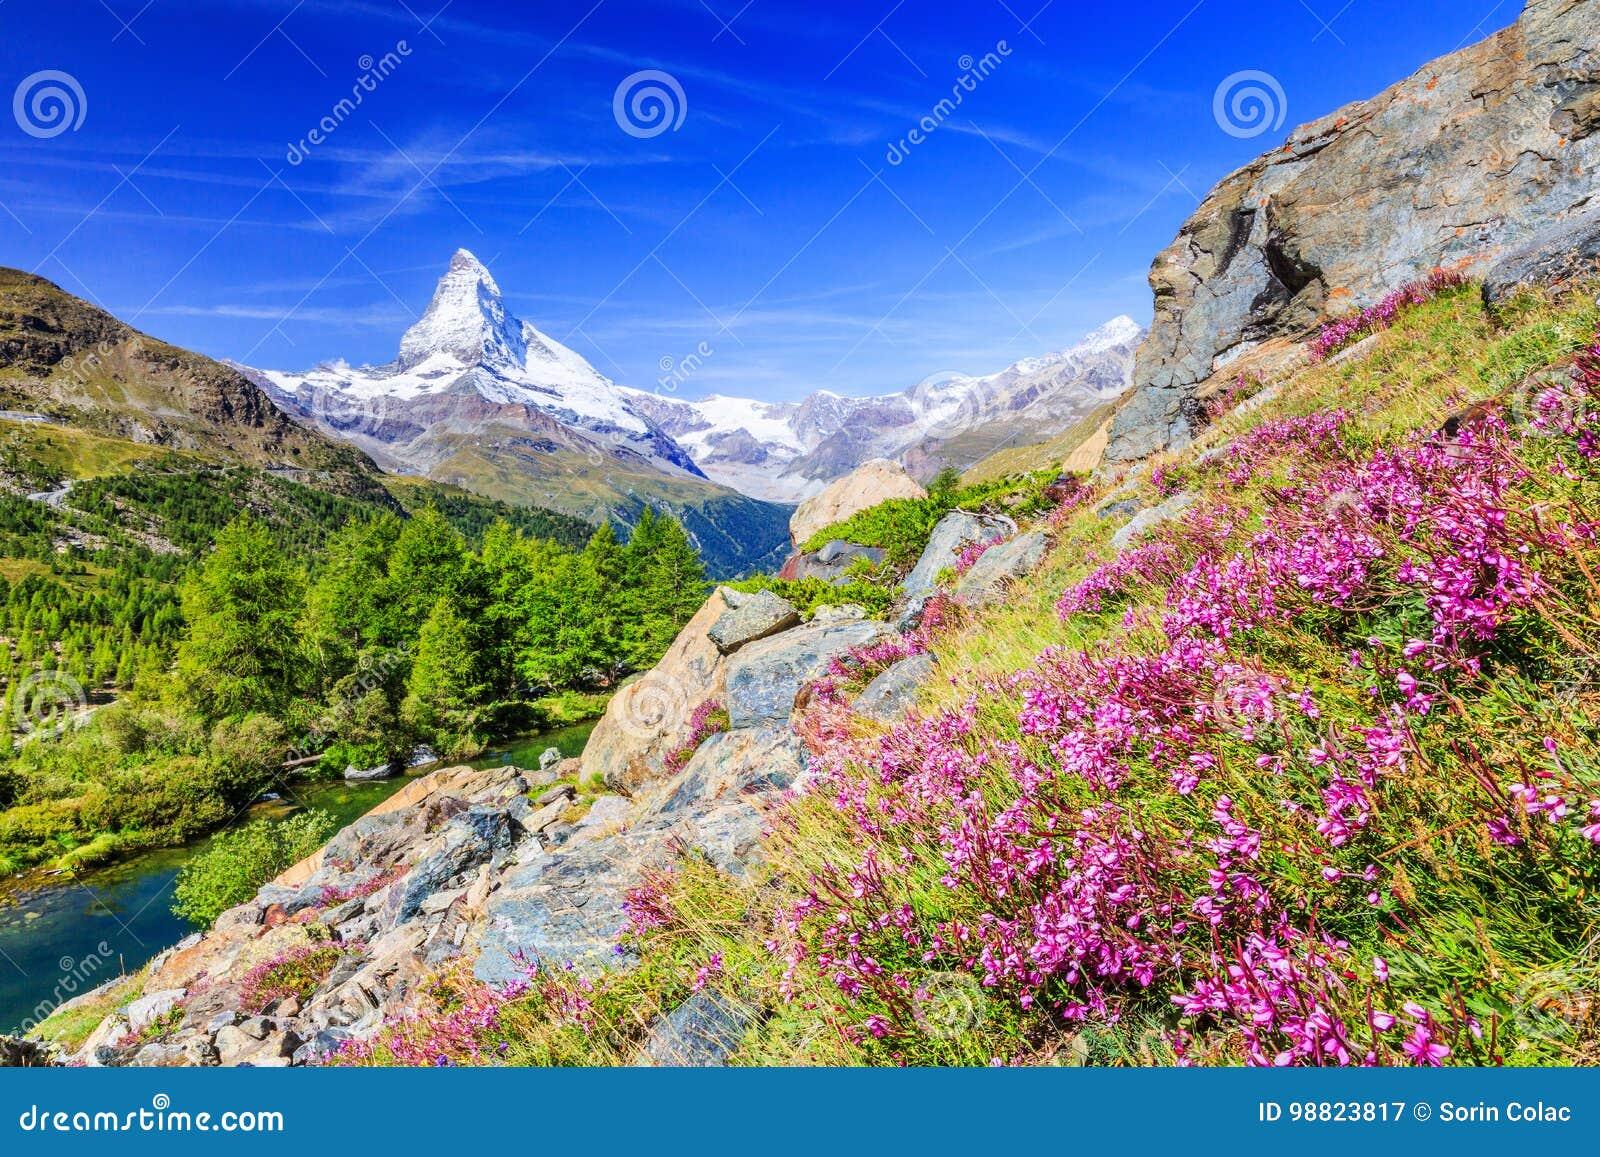 är 7th august boende 2010 kan den Europa hotellbilden schweiziska switzerland som tas deras till turismturister som det tradition